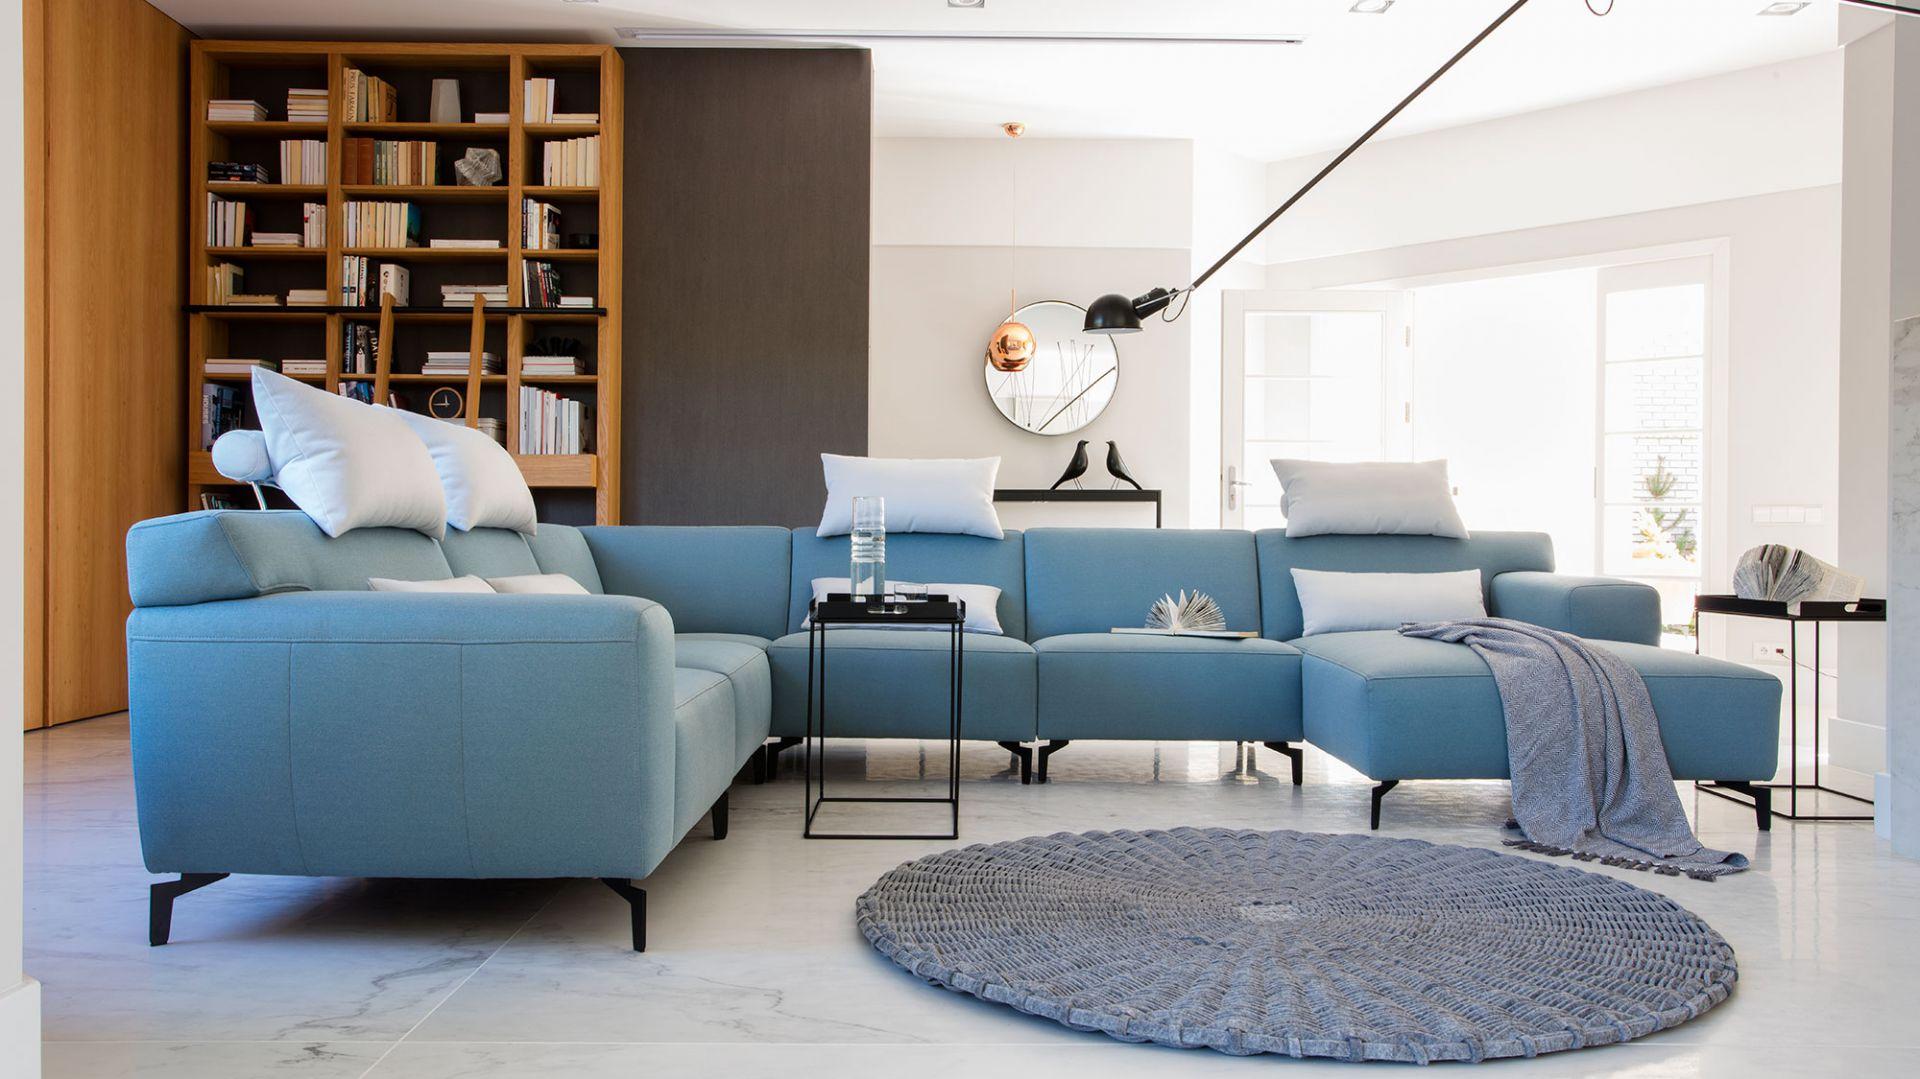 Modułowy narożnik Plain z miękkimi poduszkami na oparciu i regulacją głębokości siedziska. Od 11.182 zł. Fot. Bizzarto